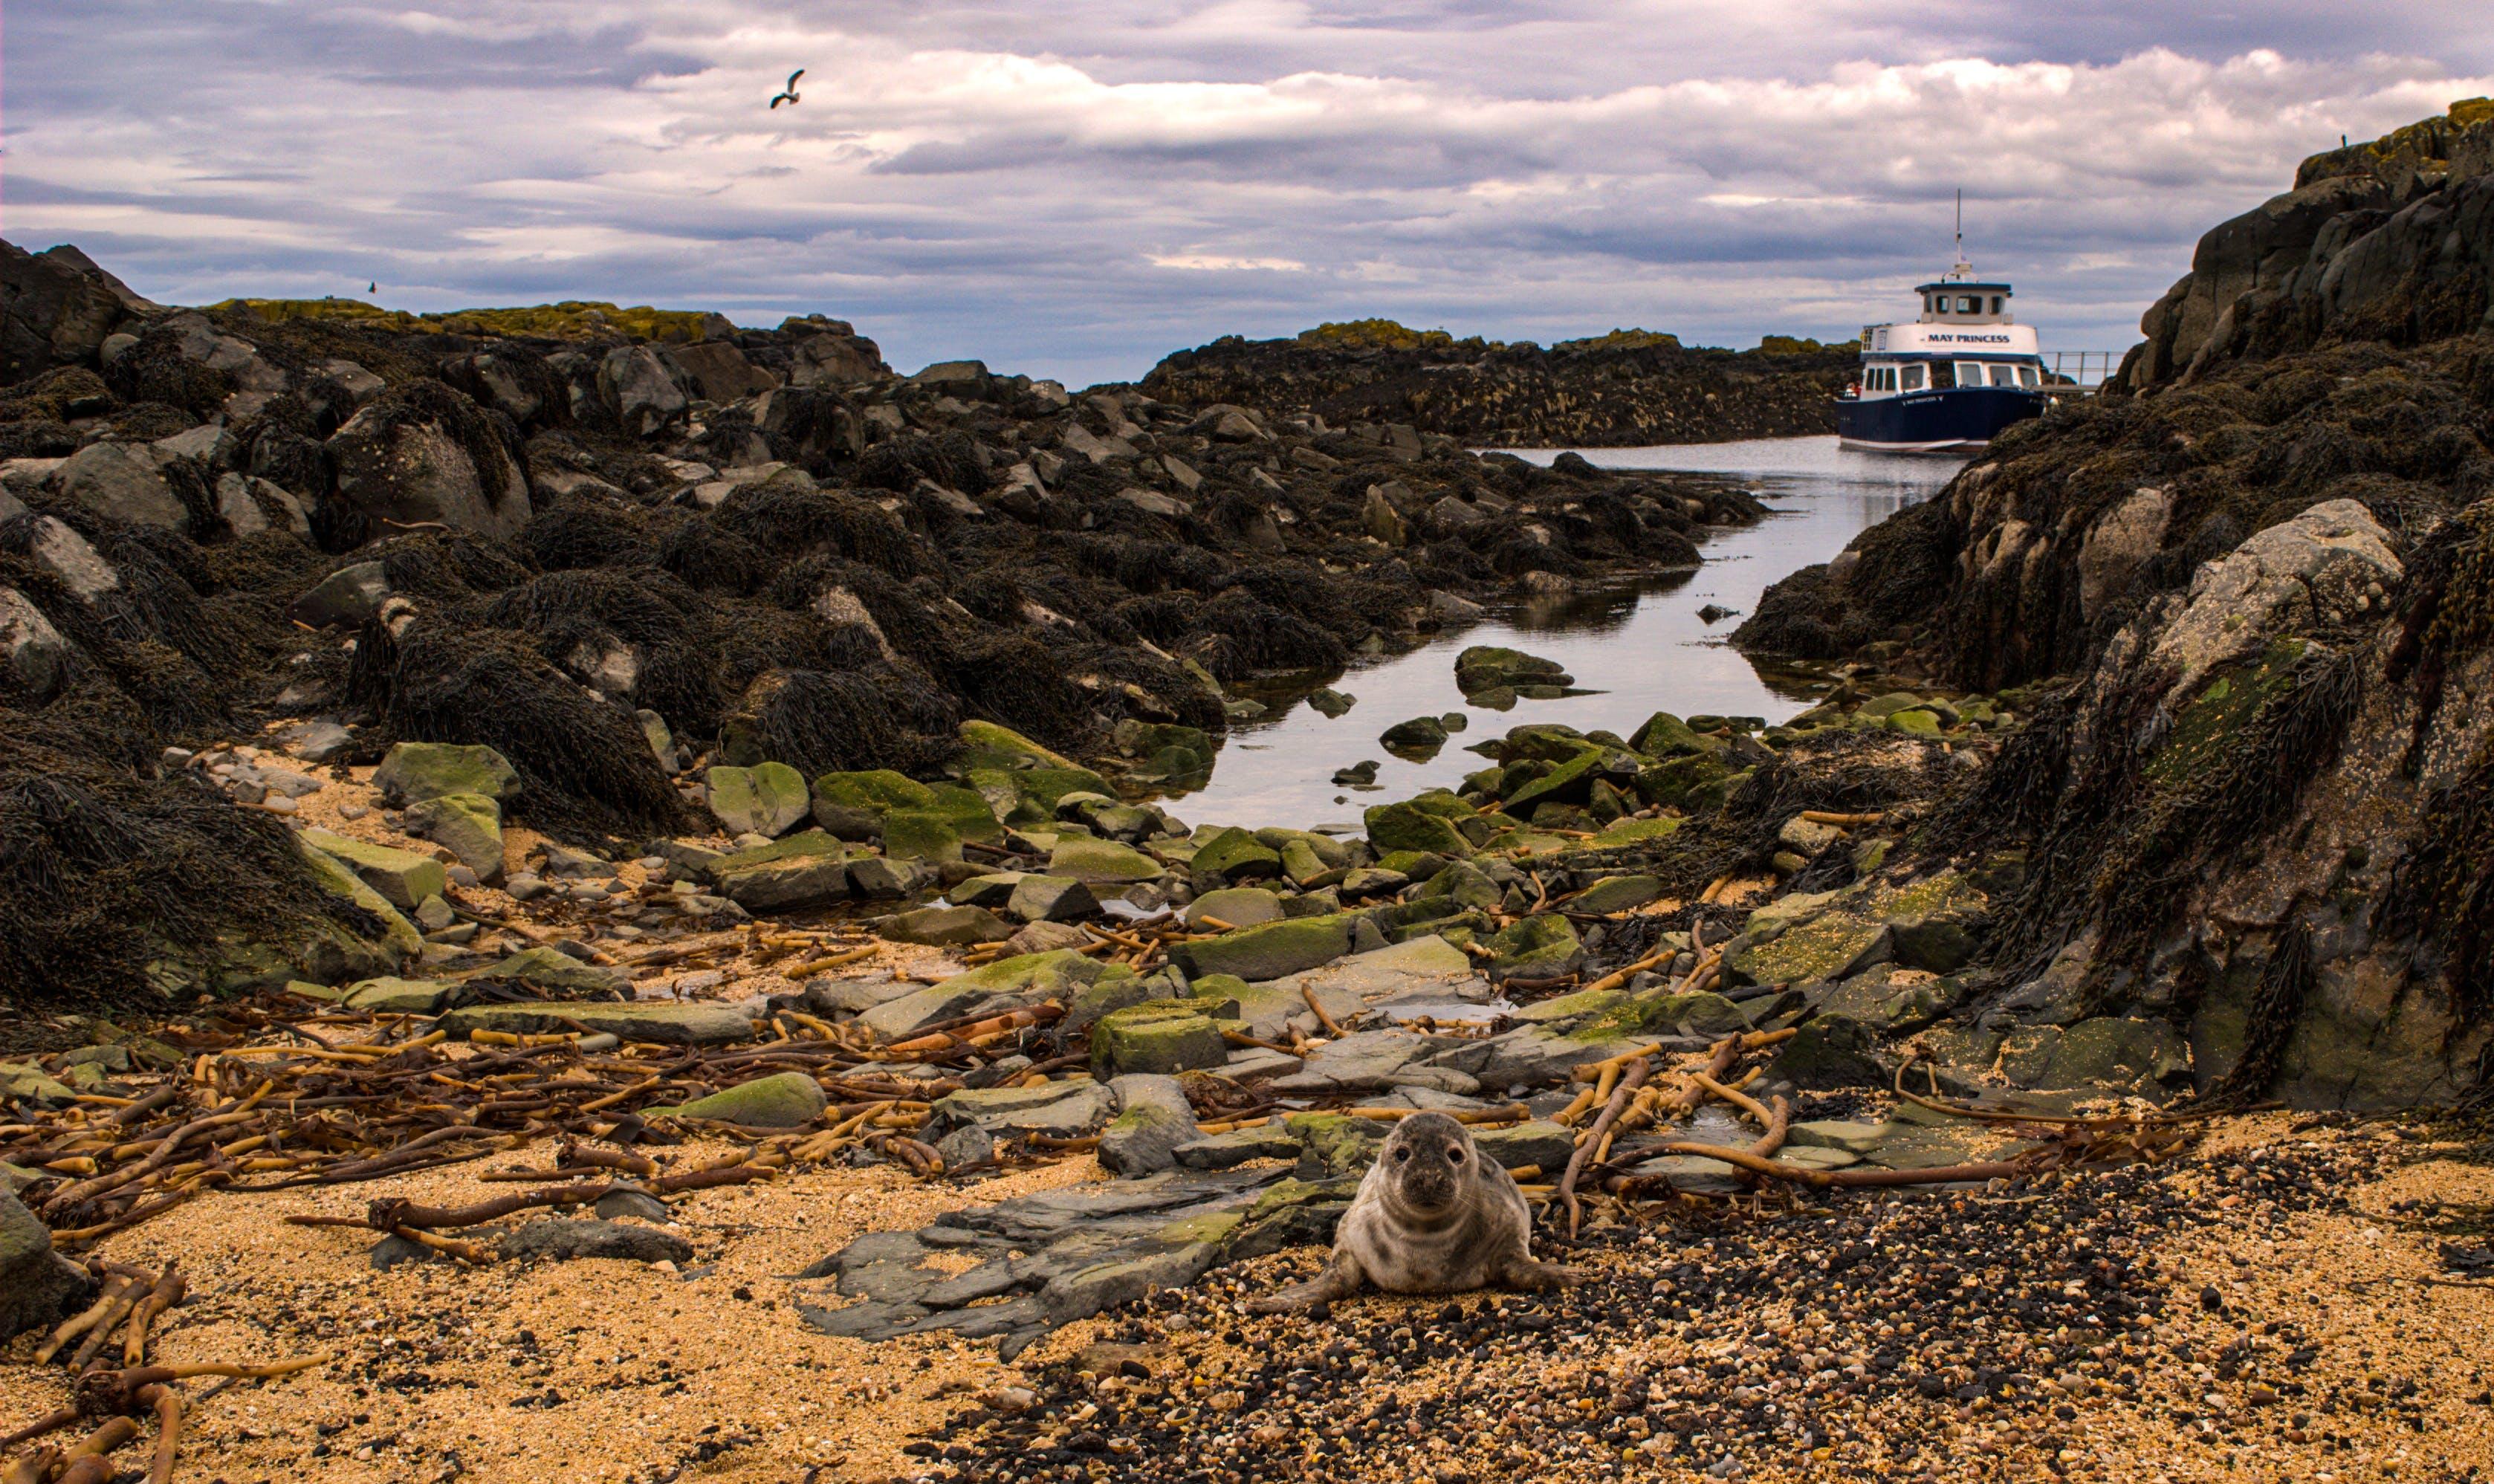 動物, 可愛, 密封, 岩石海岸 的 免费素材照片